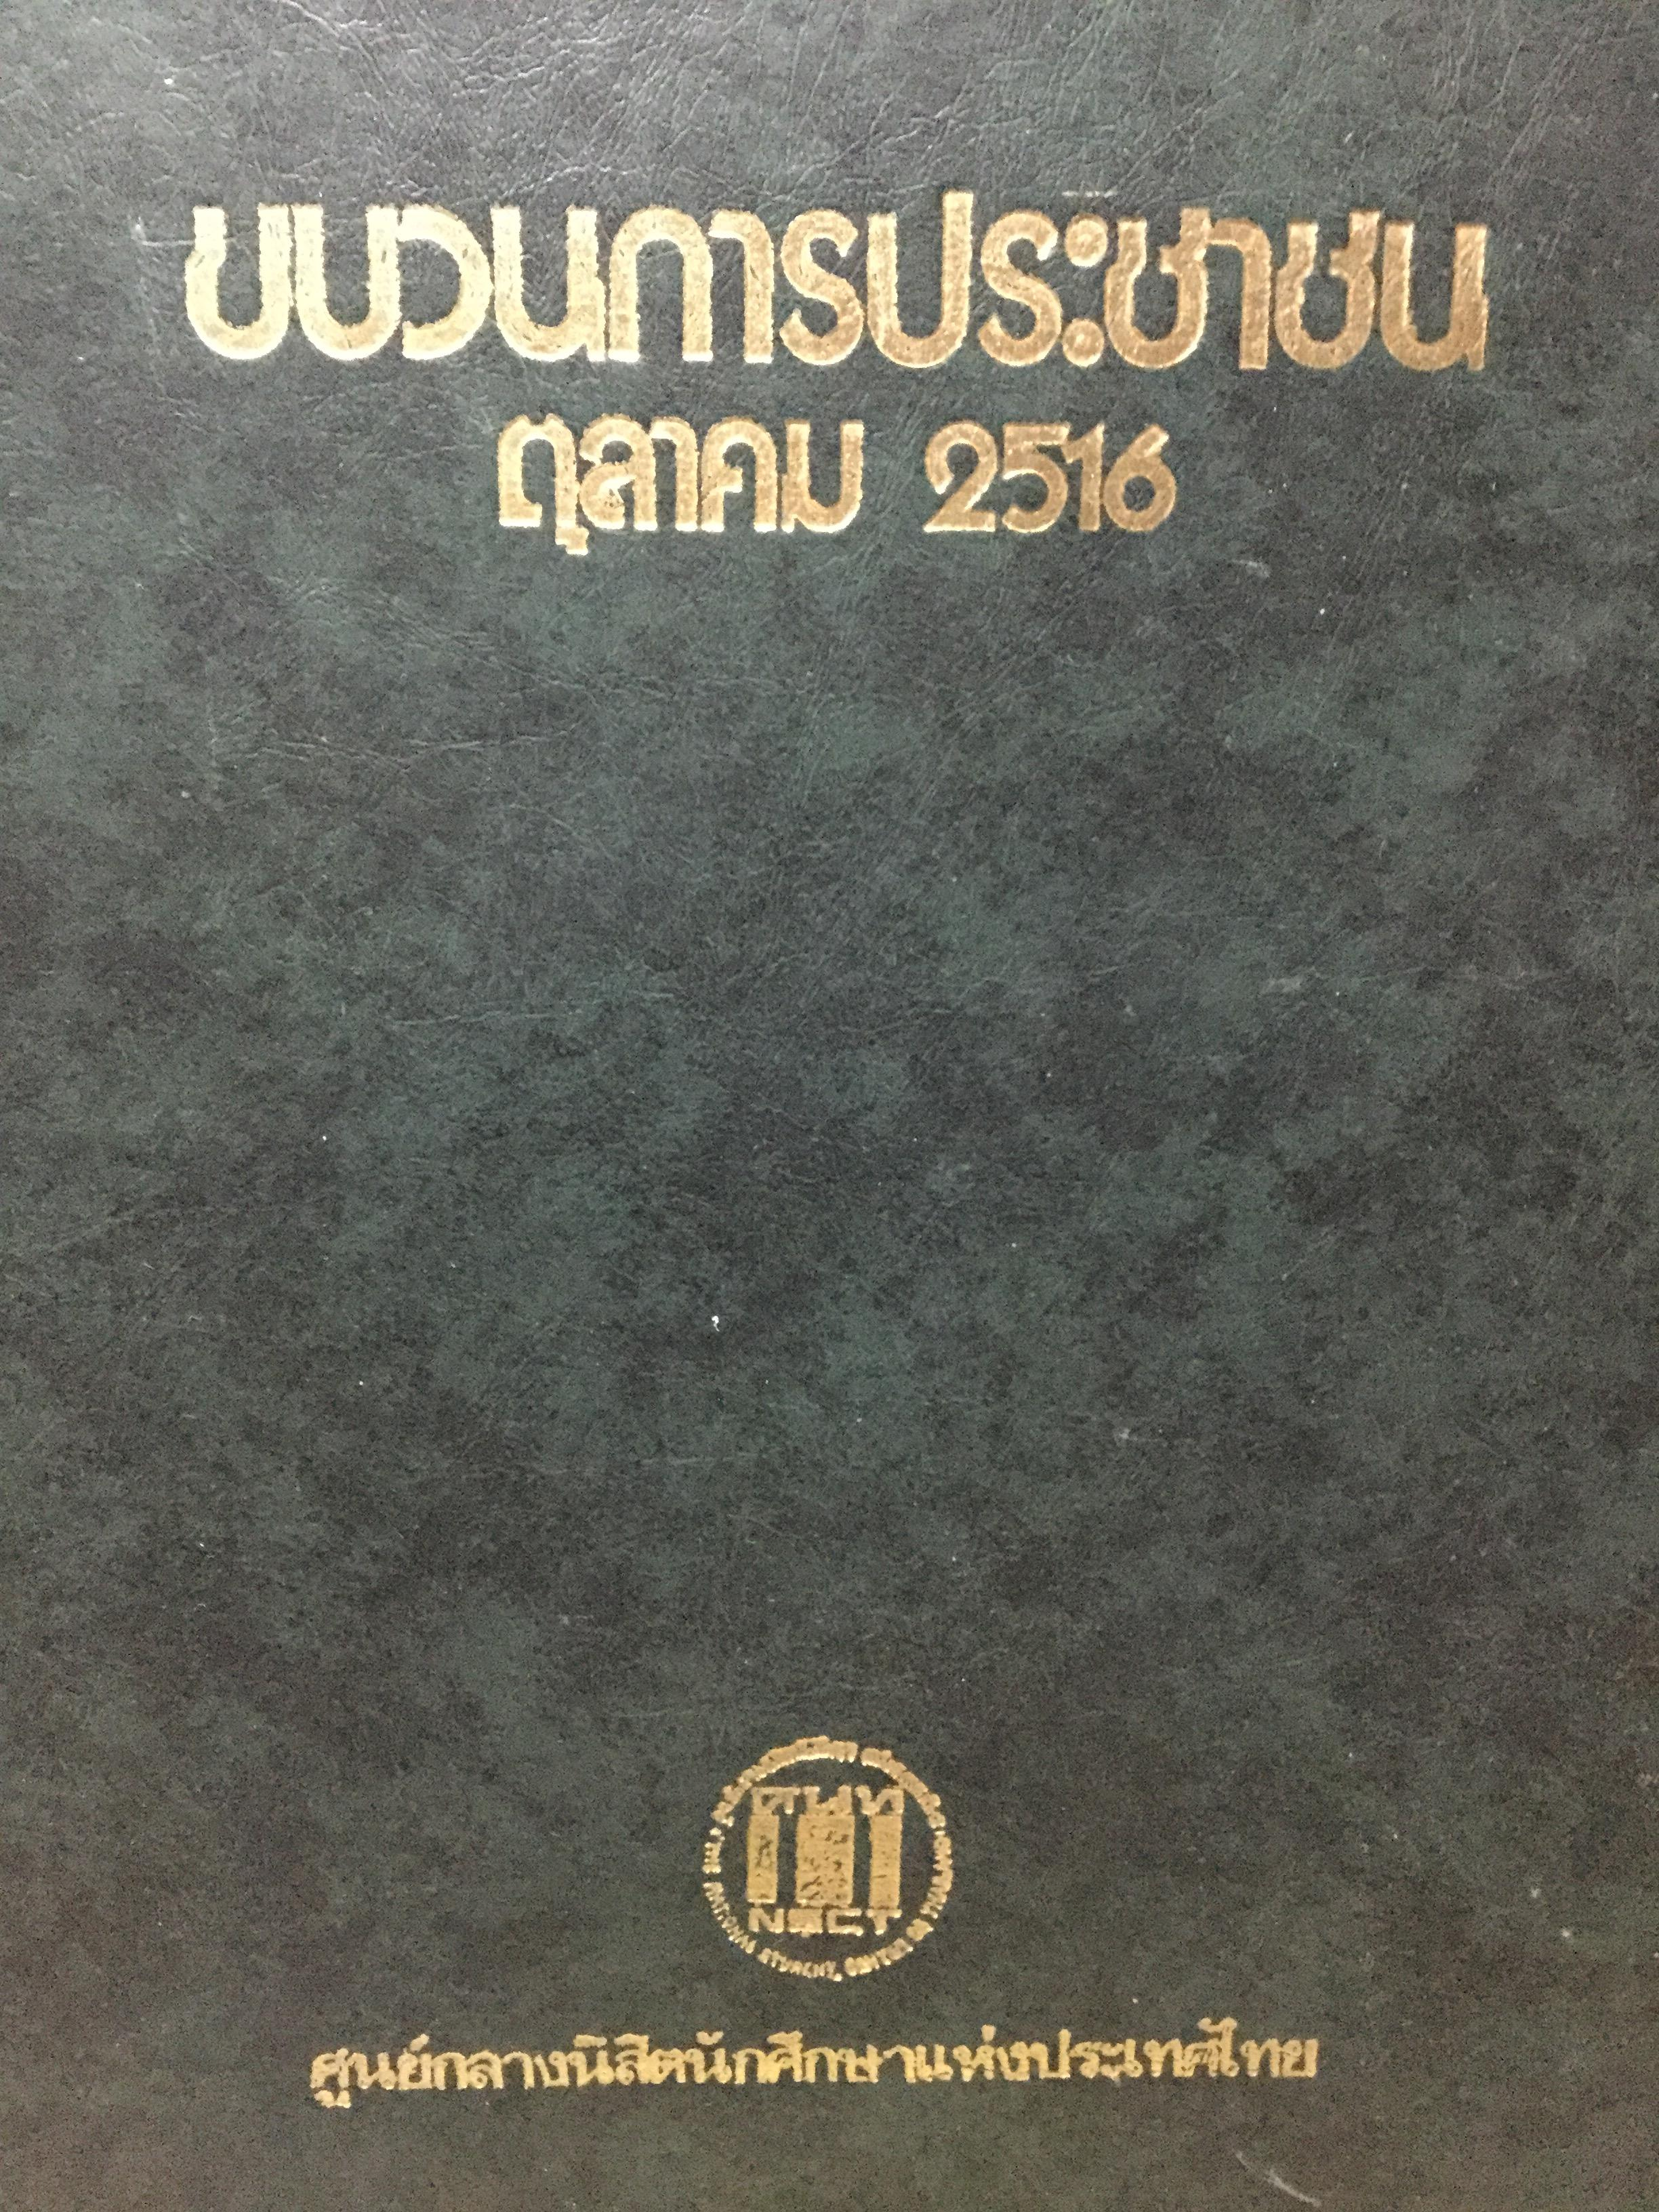 ขบวนการประชาชน ตุลาคม.2516. ศูนย์กลางนิสิตนักศึกษาแห่งประเทศไทย